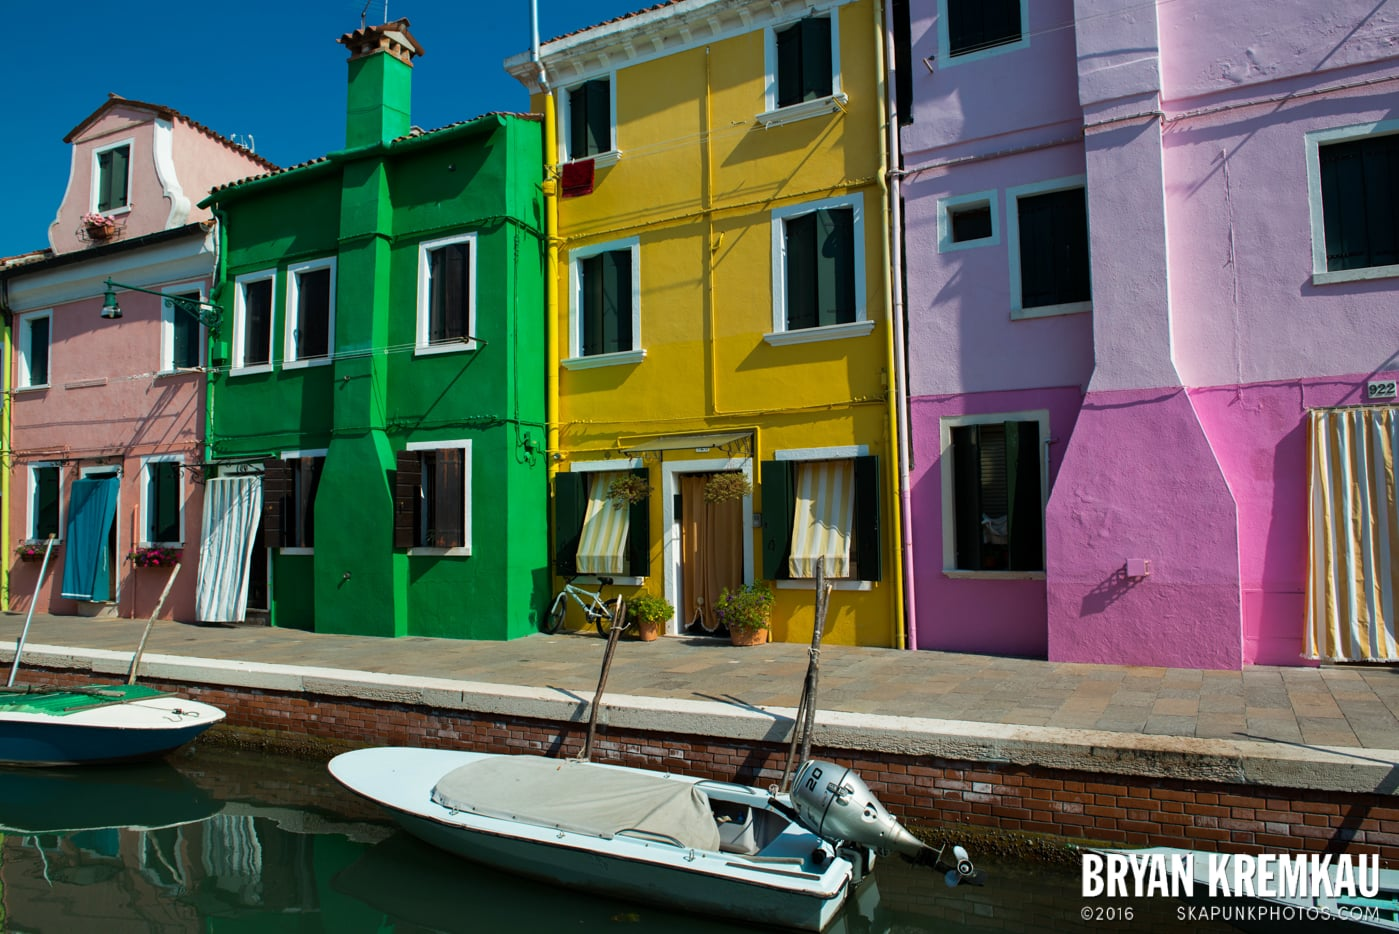 Italy Vacation - Day 6: Murano, Burano, Venice - 9.14.13 (20)